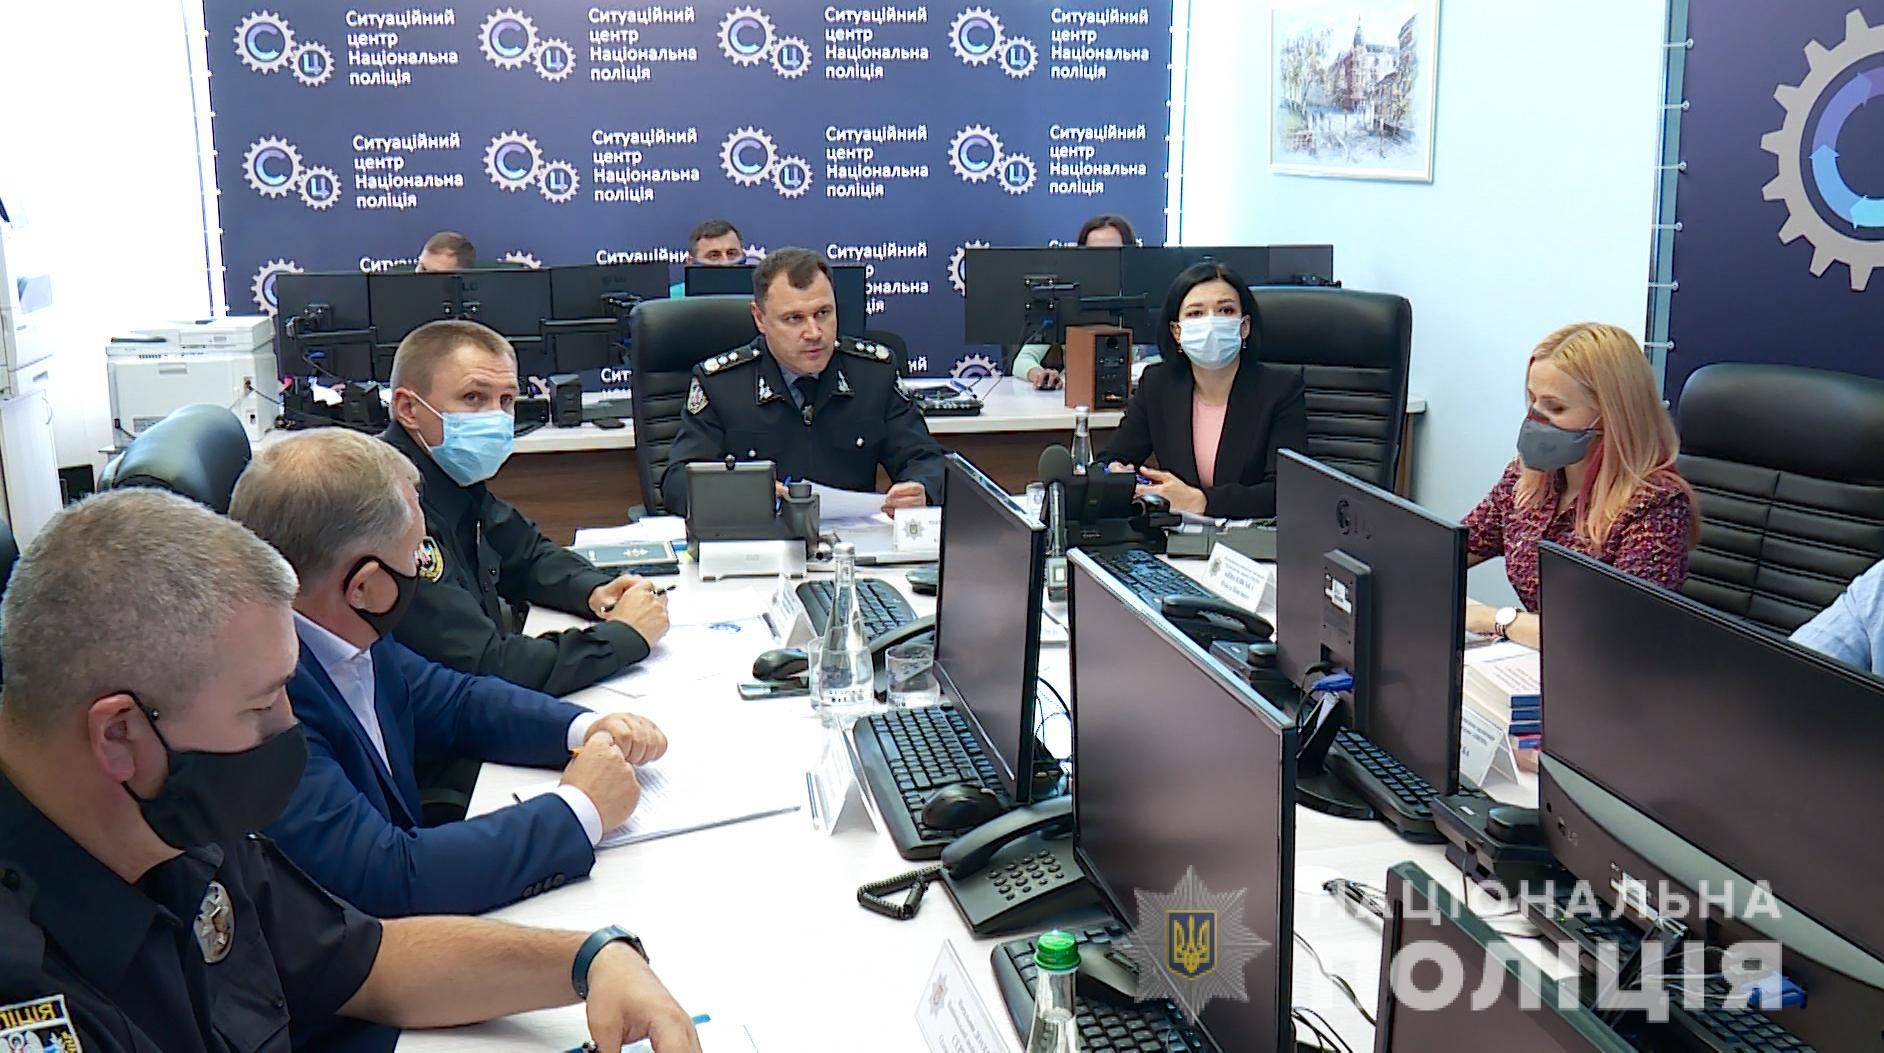 Обласні поліцейські, в тому числі й хмільницькі,  оперативно реагуватимуть на всі порушення виборчого законодавства